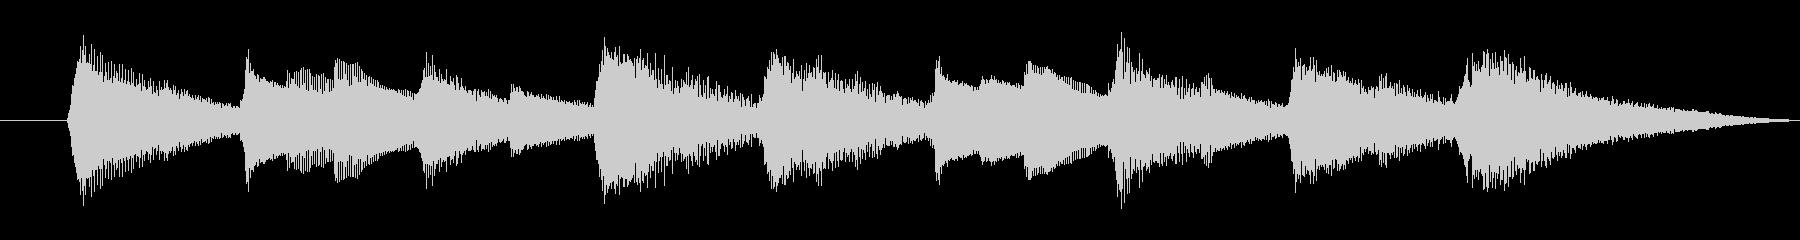 ジングル 綺麗なオルゴールの音色の未再生の波形